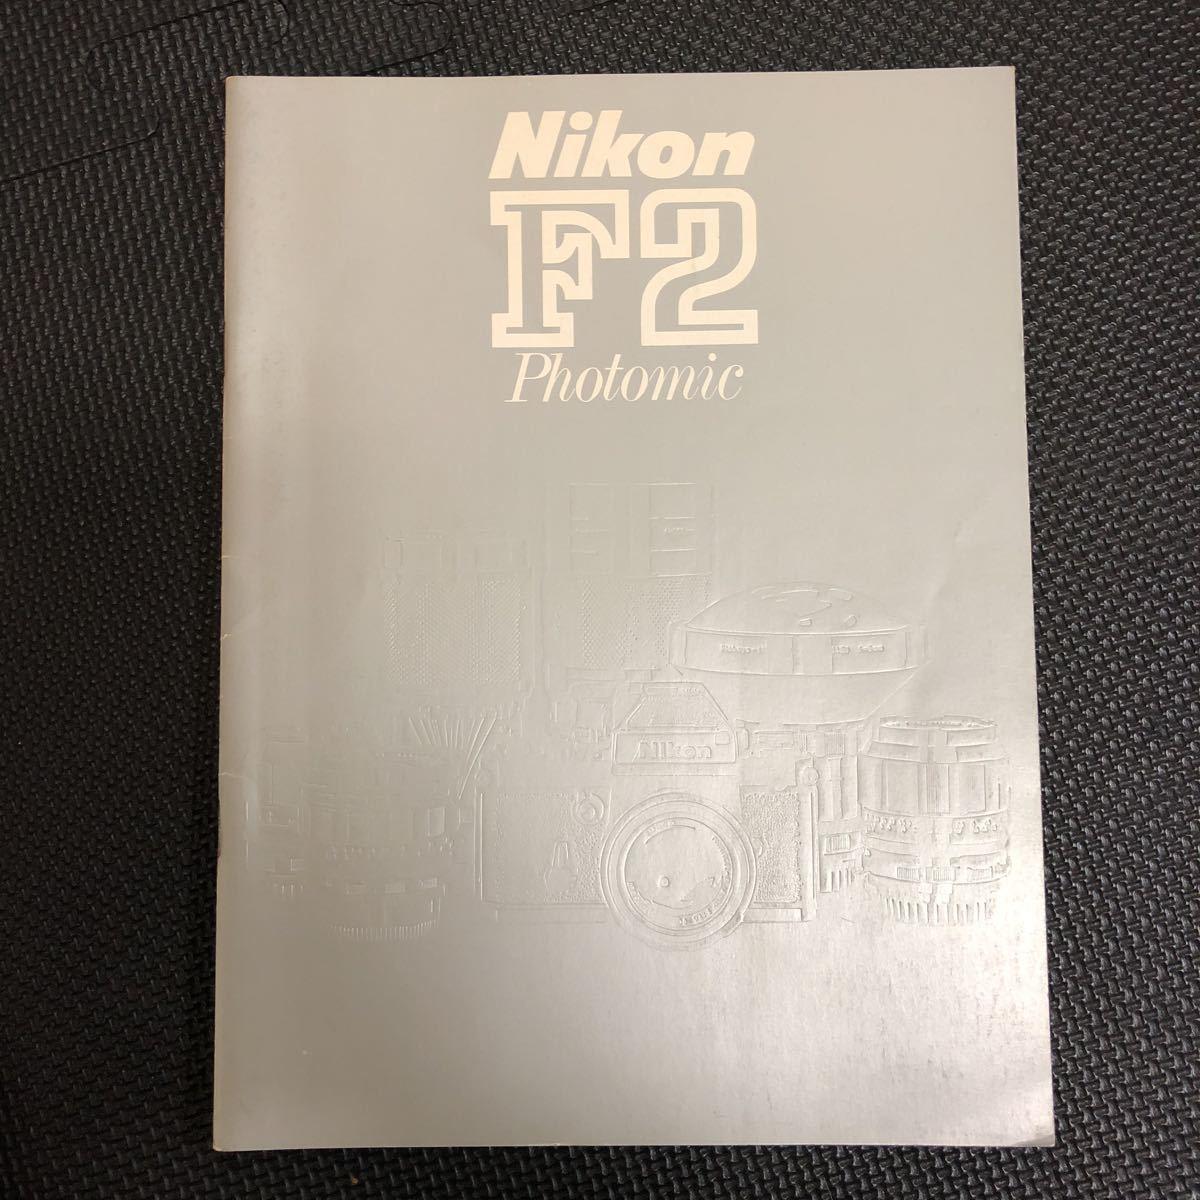 ニコン NIKON F2 photomic カタログ 当時物